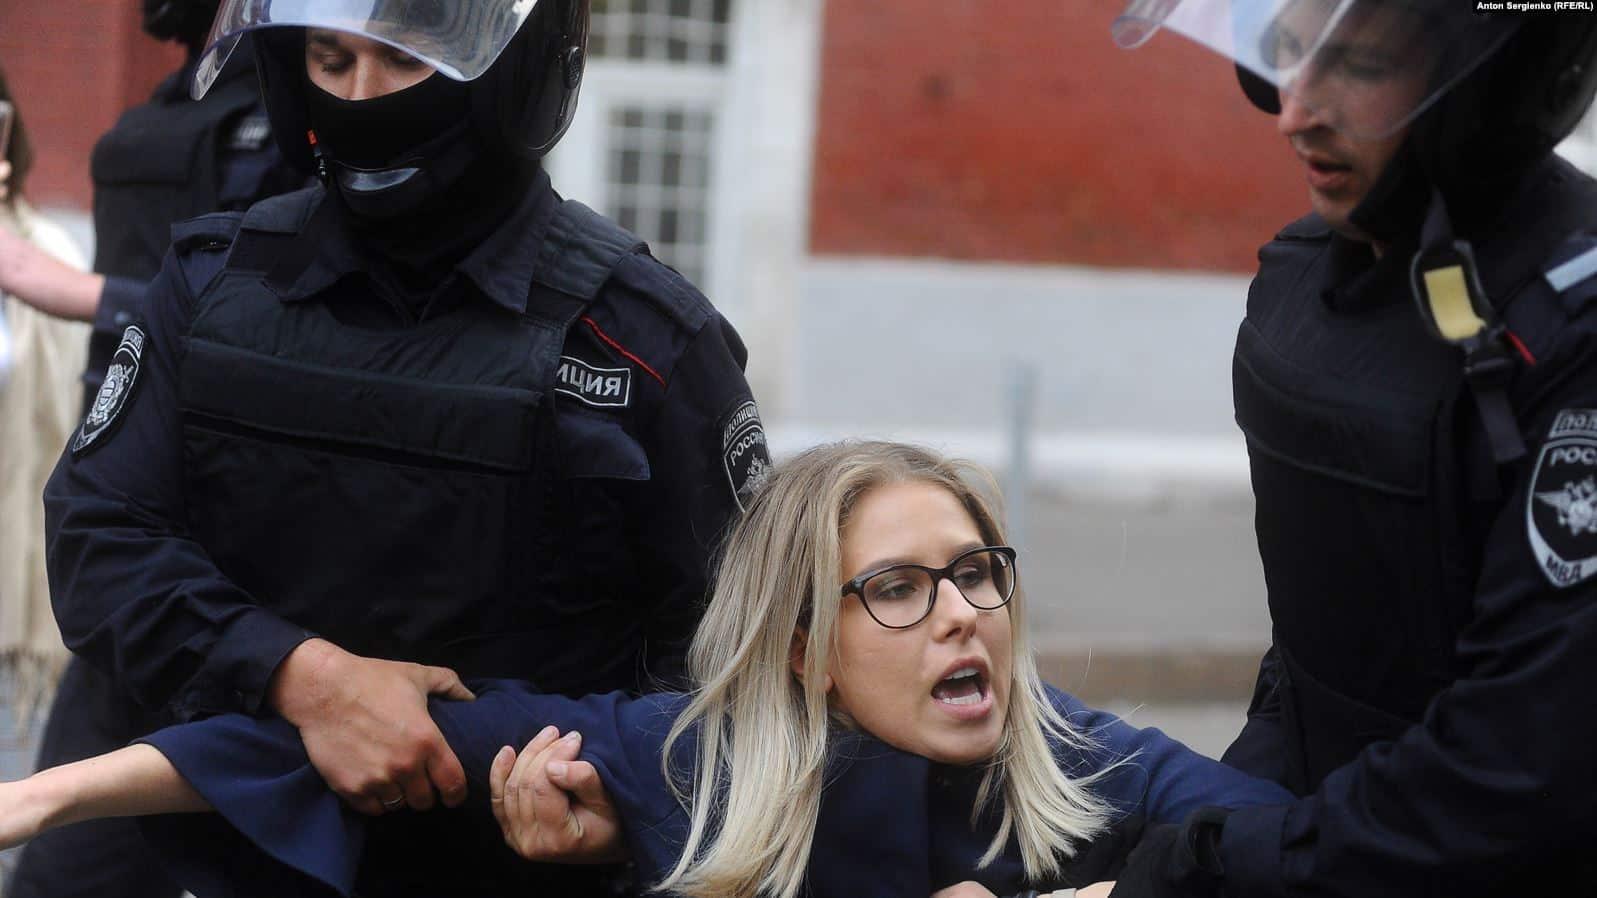 За что задержана Любовь Соболь: отпустили или нет, видео побега из автозака, последние новости